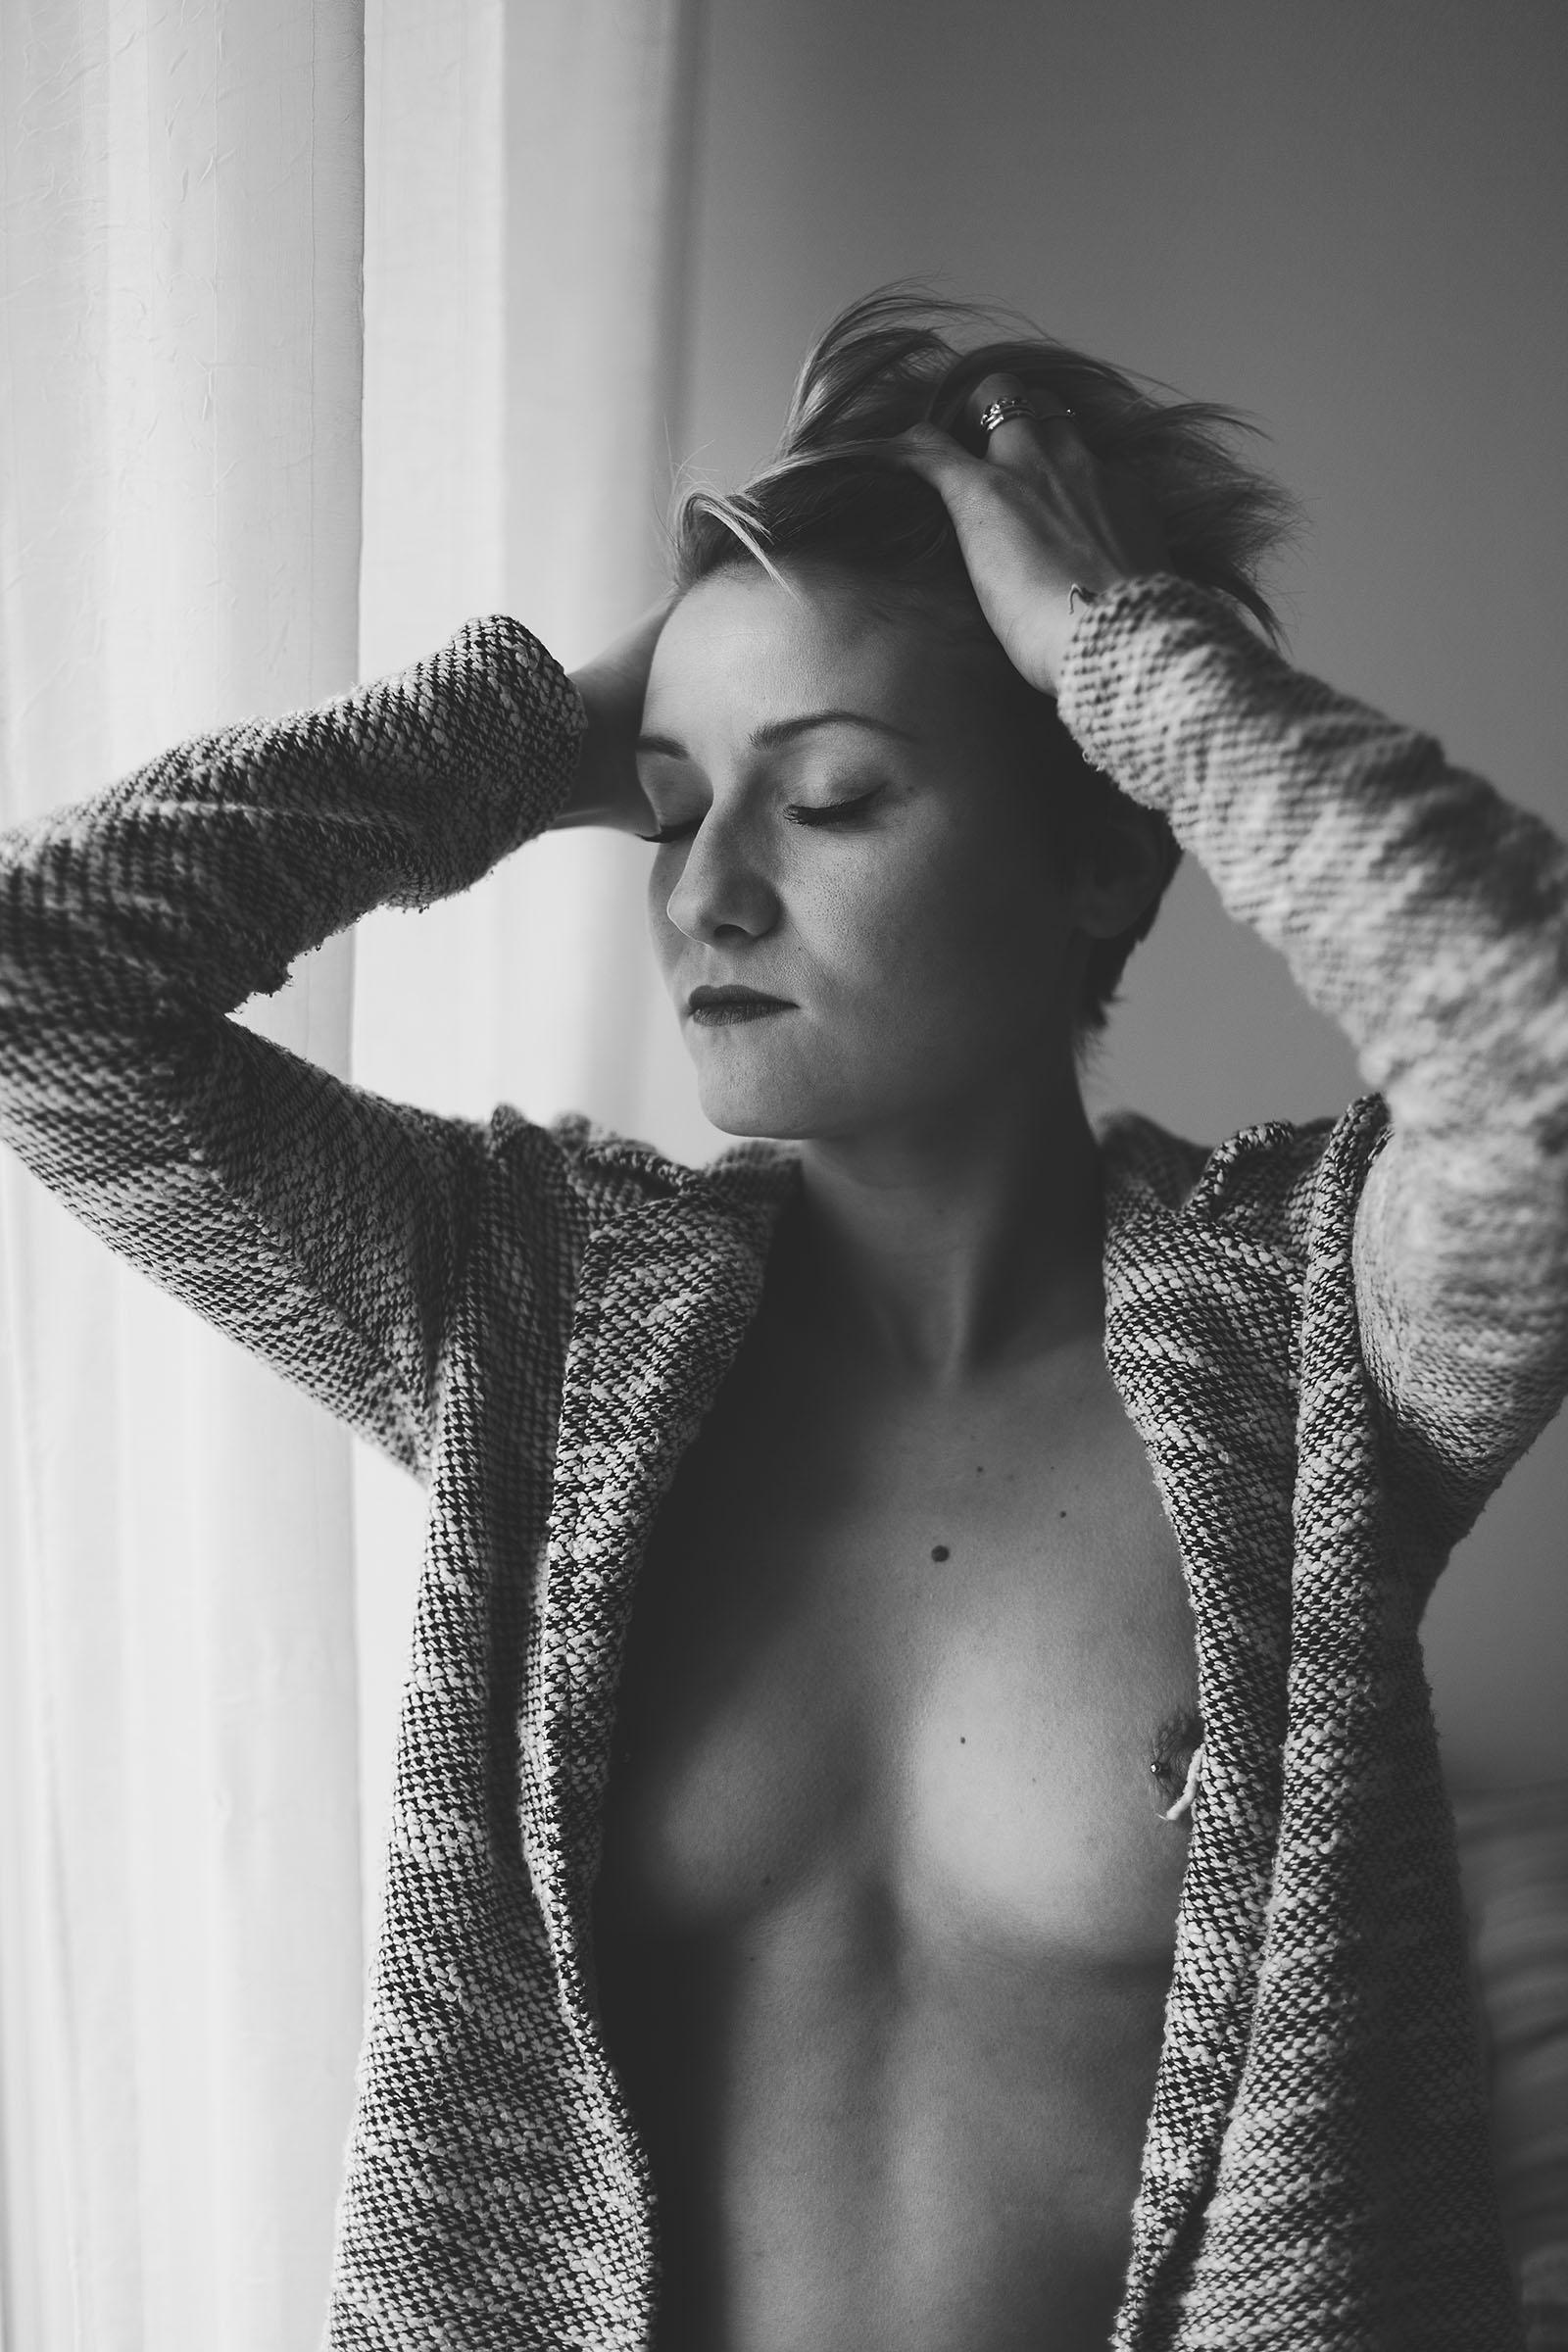 Une idée cadeau originale à Lyon Justine beau portrait noir et blanc femme seins nus qui passe la main dans ses cheveux. Blueberry corner photographe professionnel à Lyon et Clermont ferrand spécialisé dans la photo de charme, photo glamour et boudoir